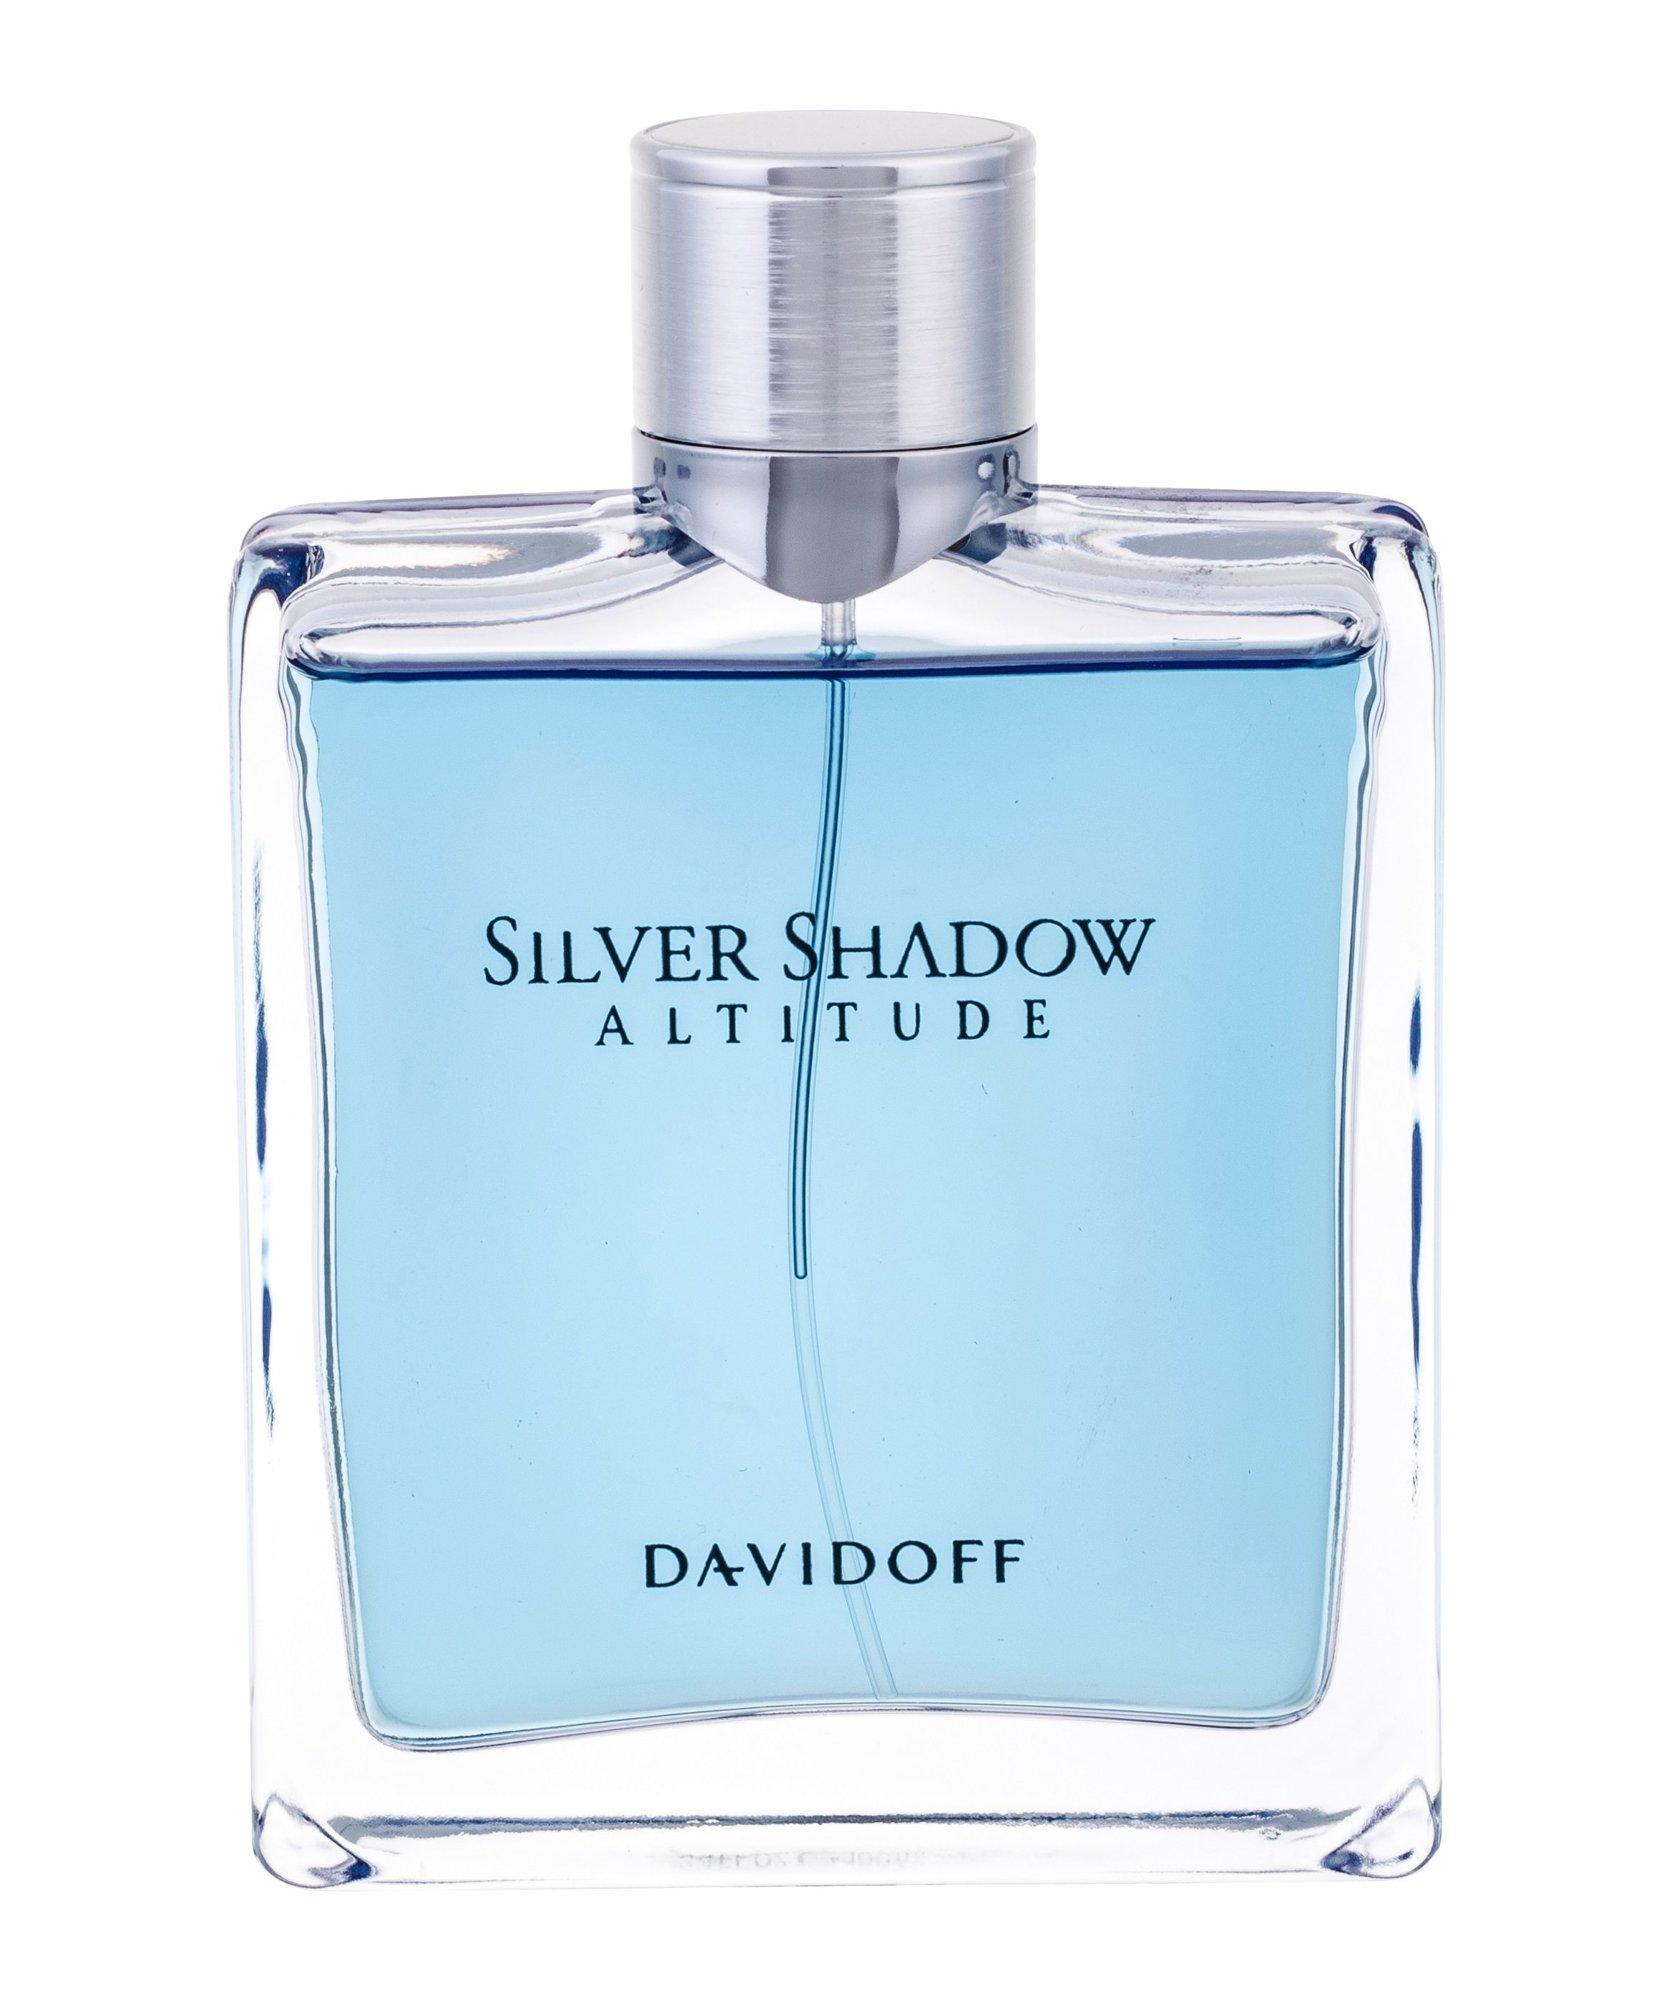 Davidoff Silver Shadow Altitude, Toaletná voda 100ml